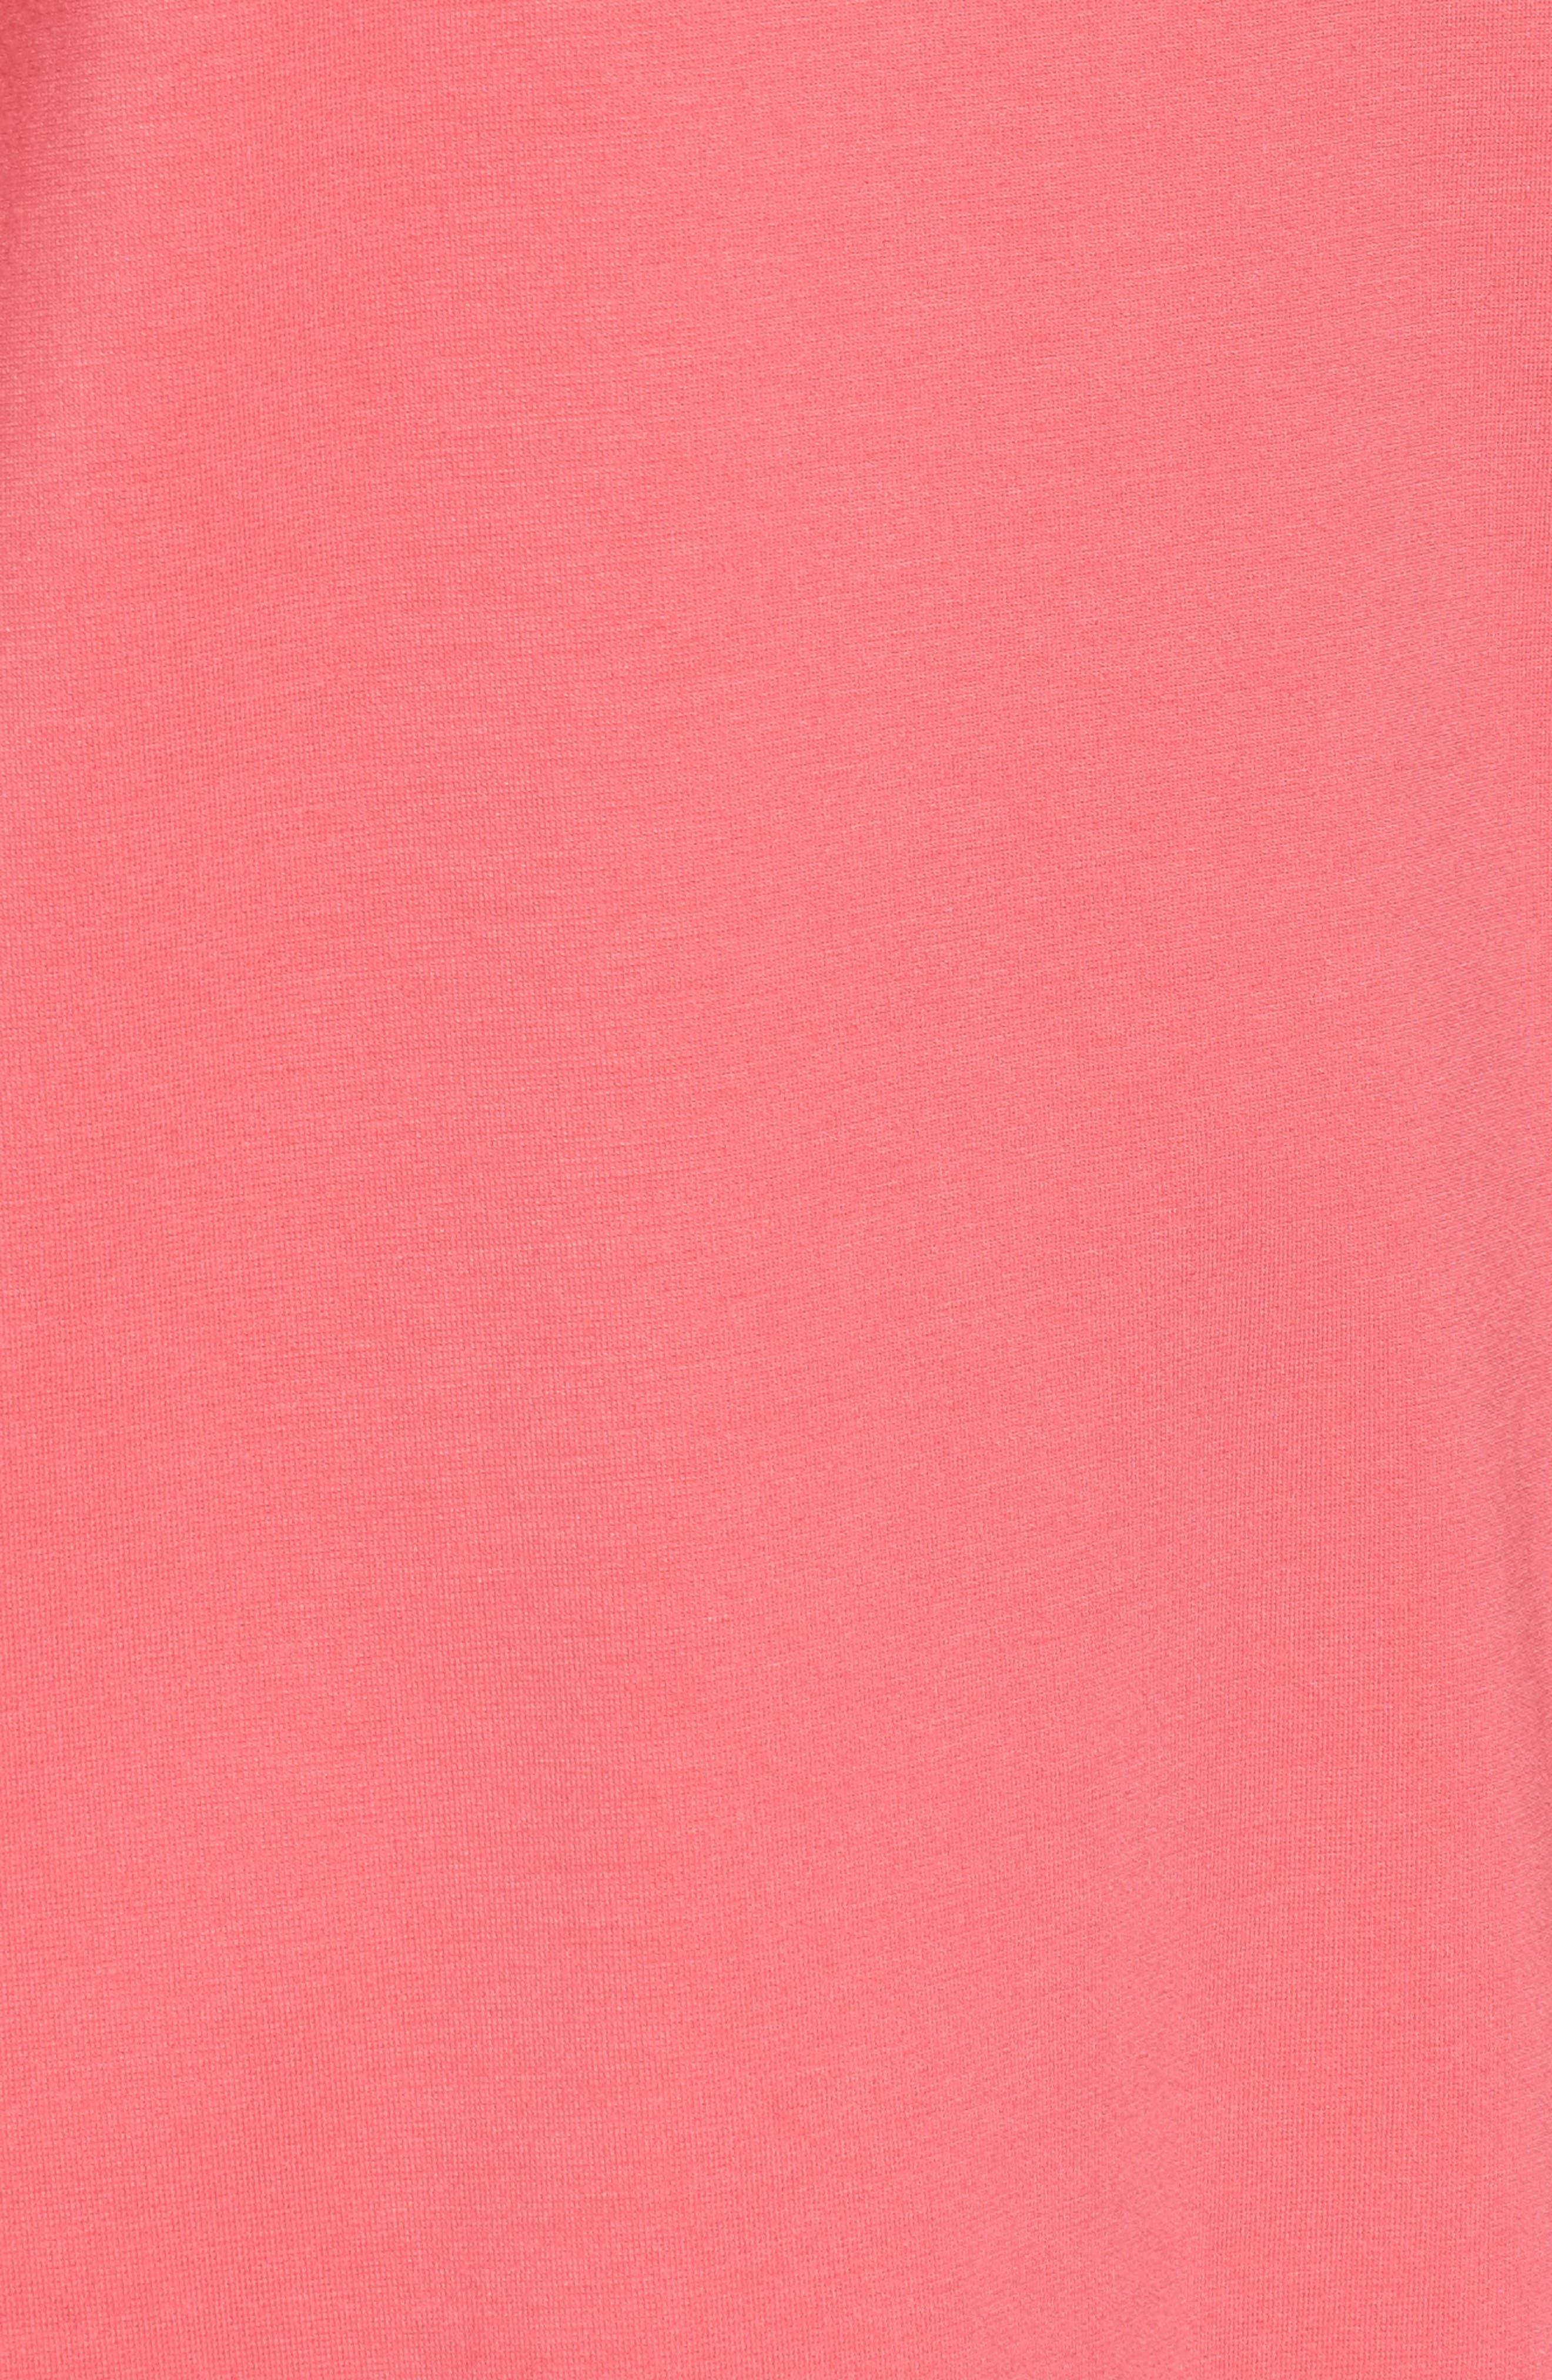 Alternate Image 5  - Halogen® Knit Cold Shoulder Top (Regular & Petite)